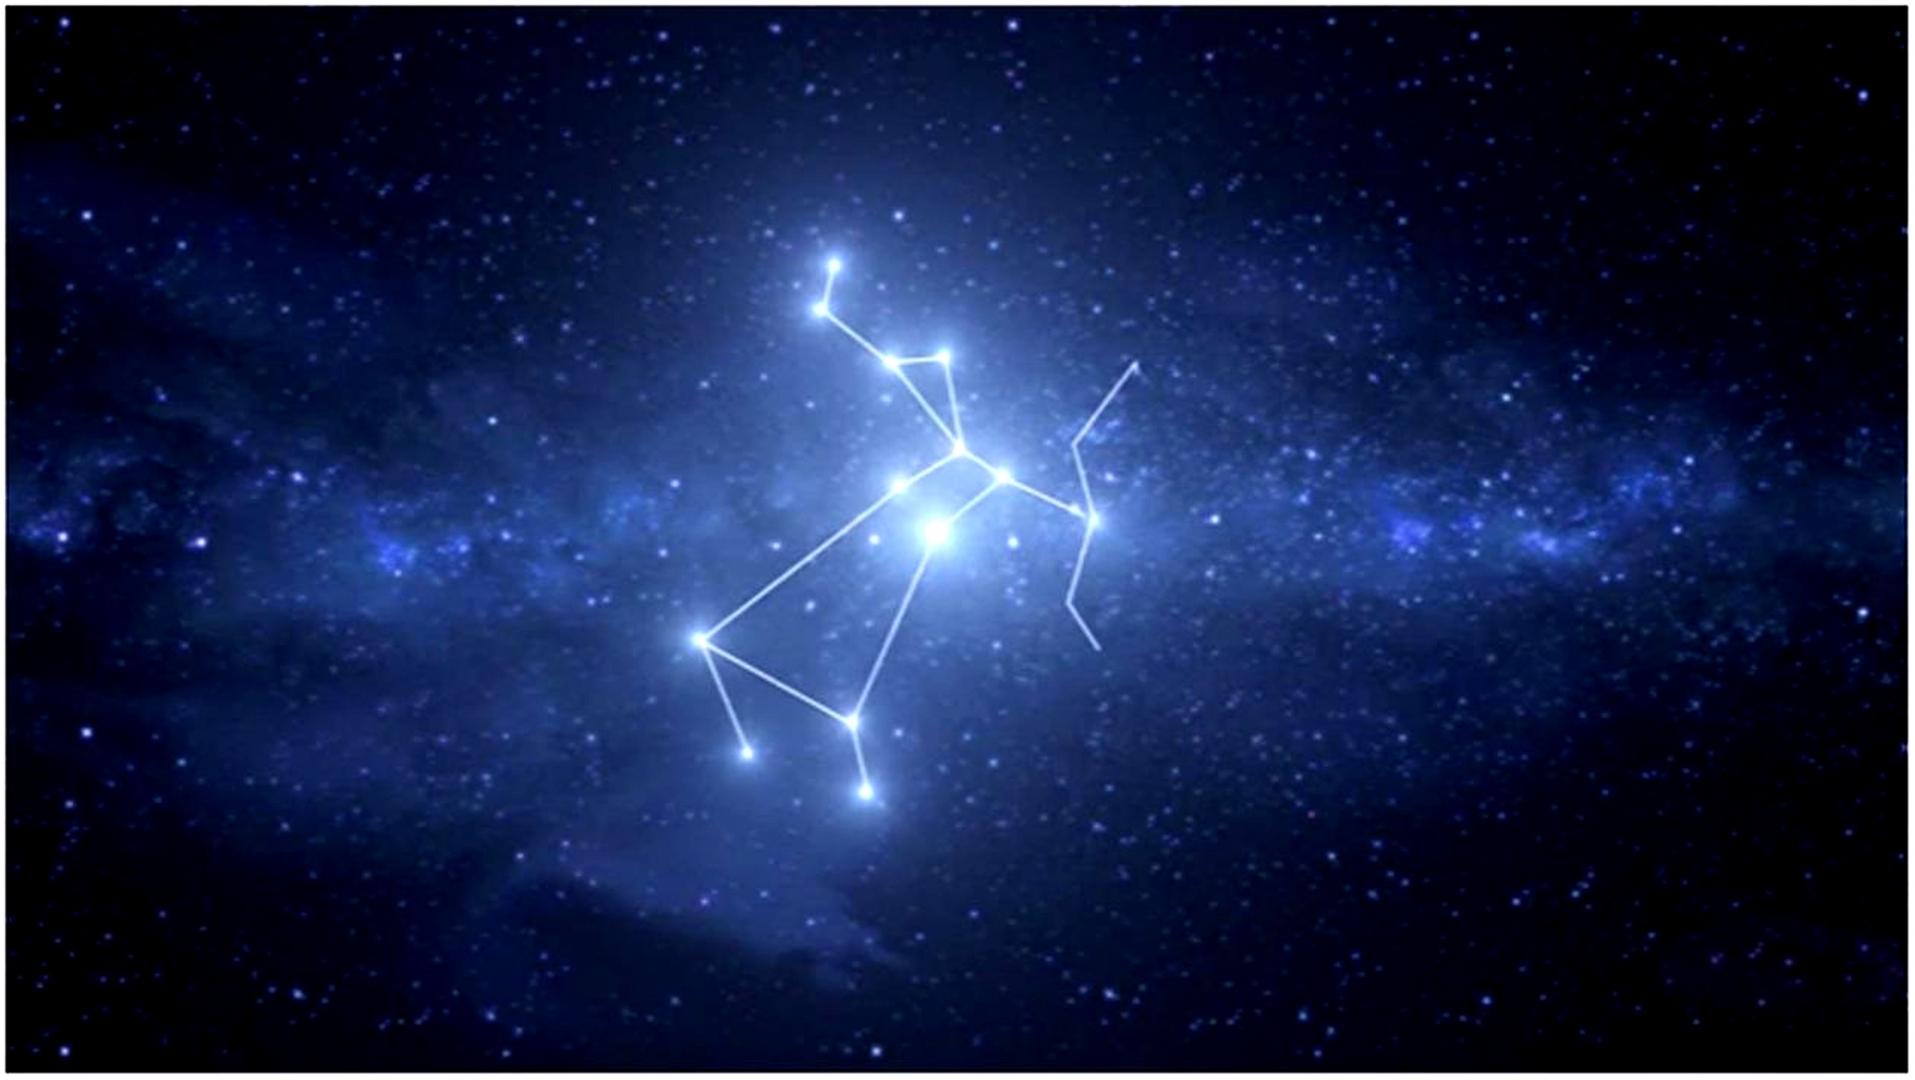 это созвездие стрелец картинки подмосковном